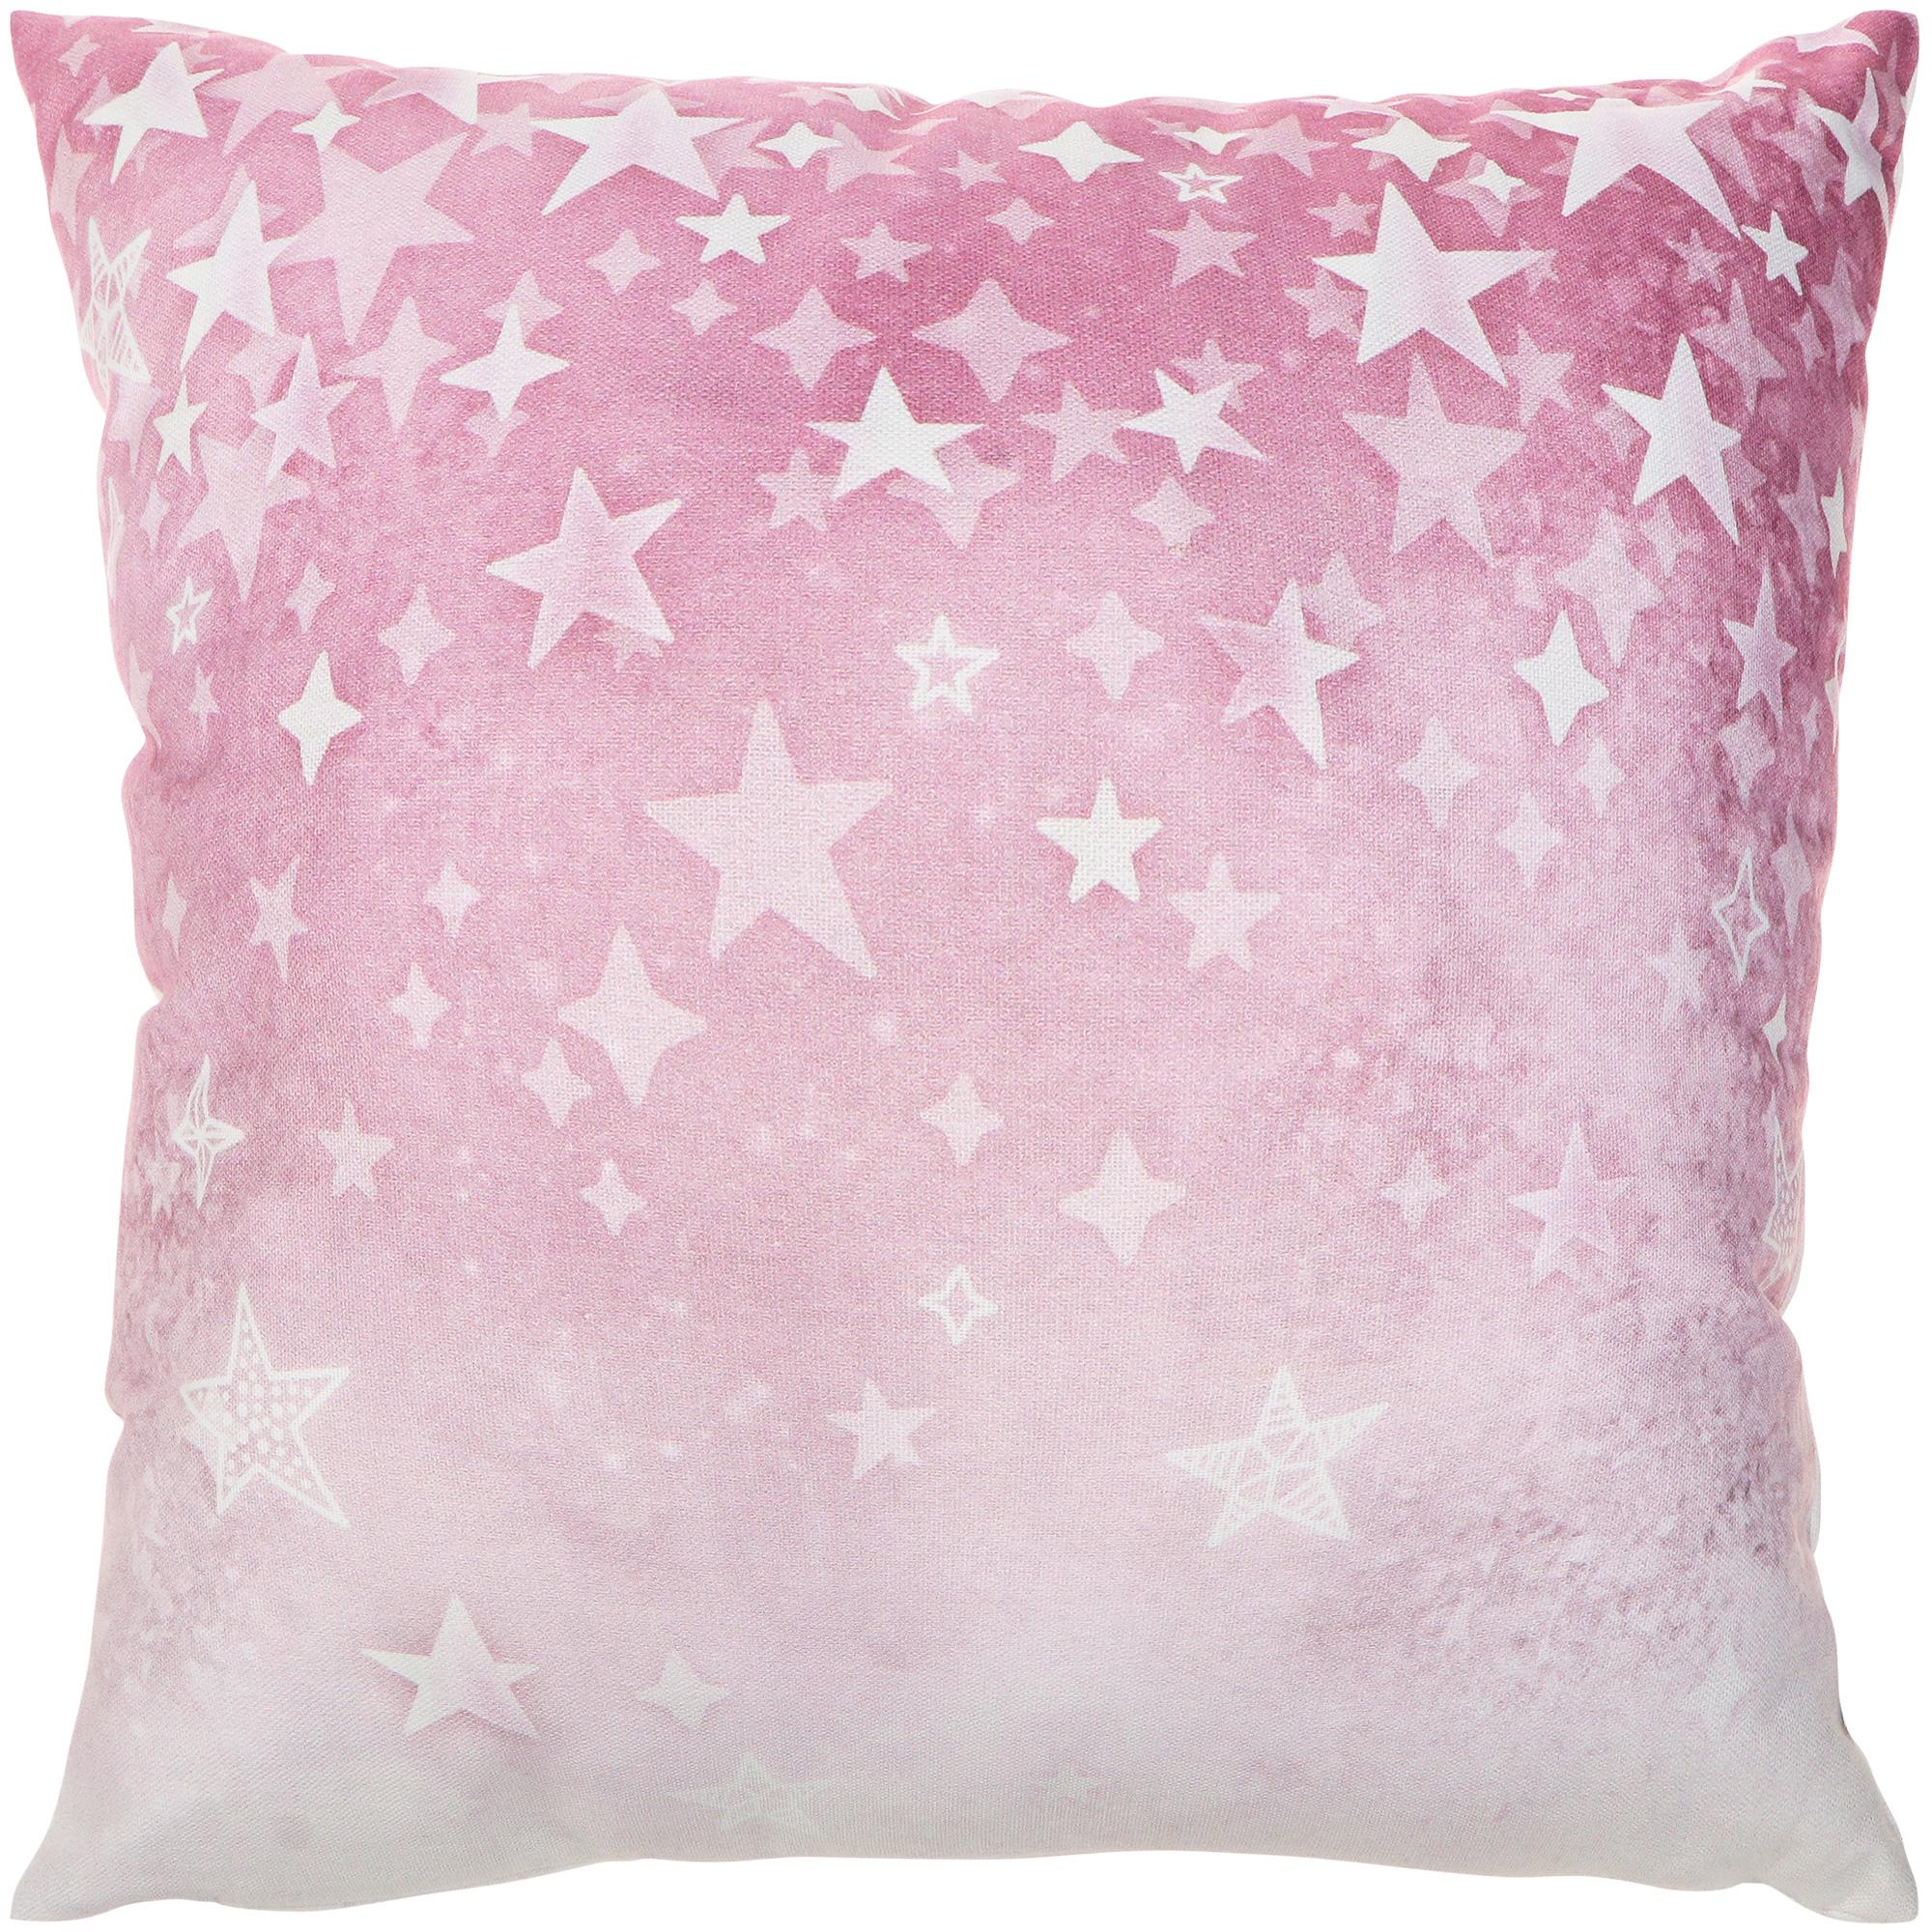 Декоративная подушка Togas Трейси розовая 45х45 см